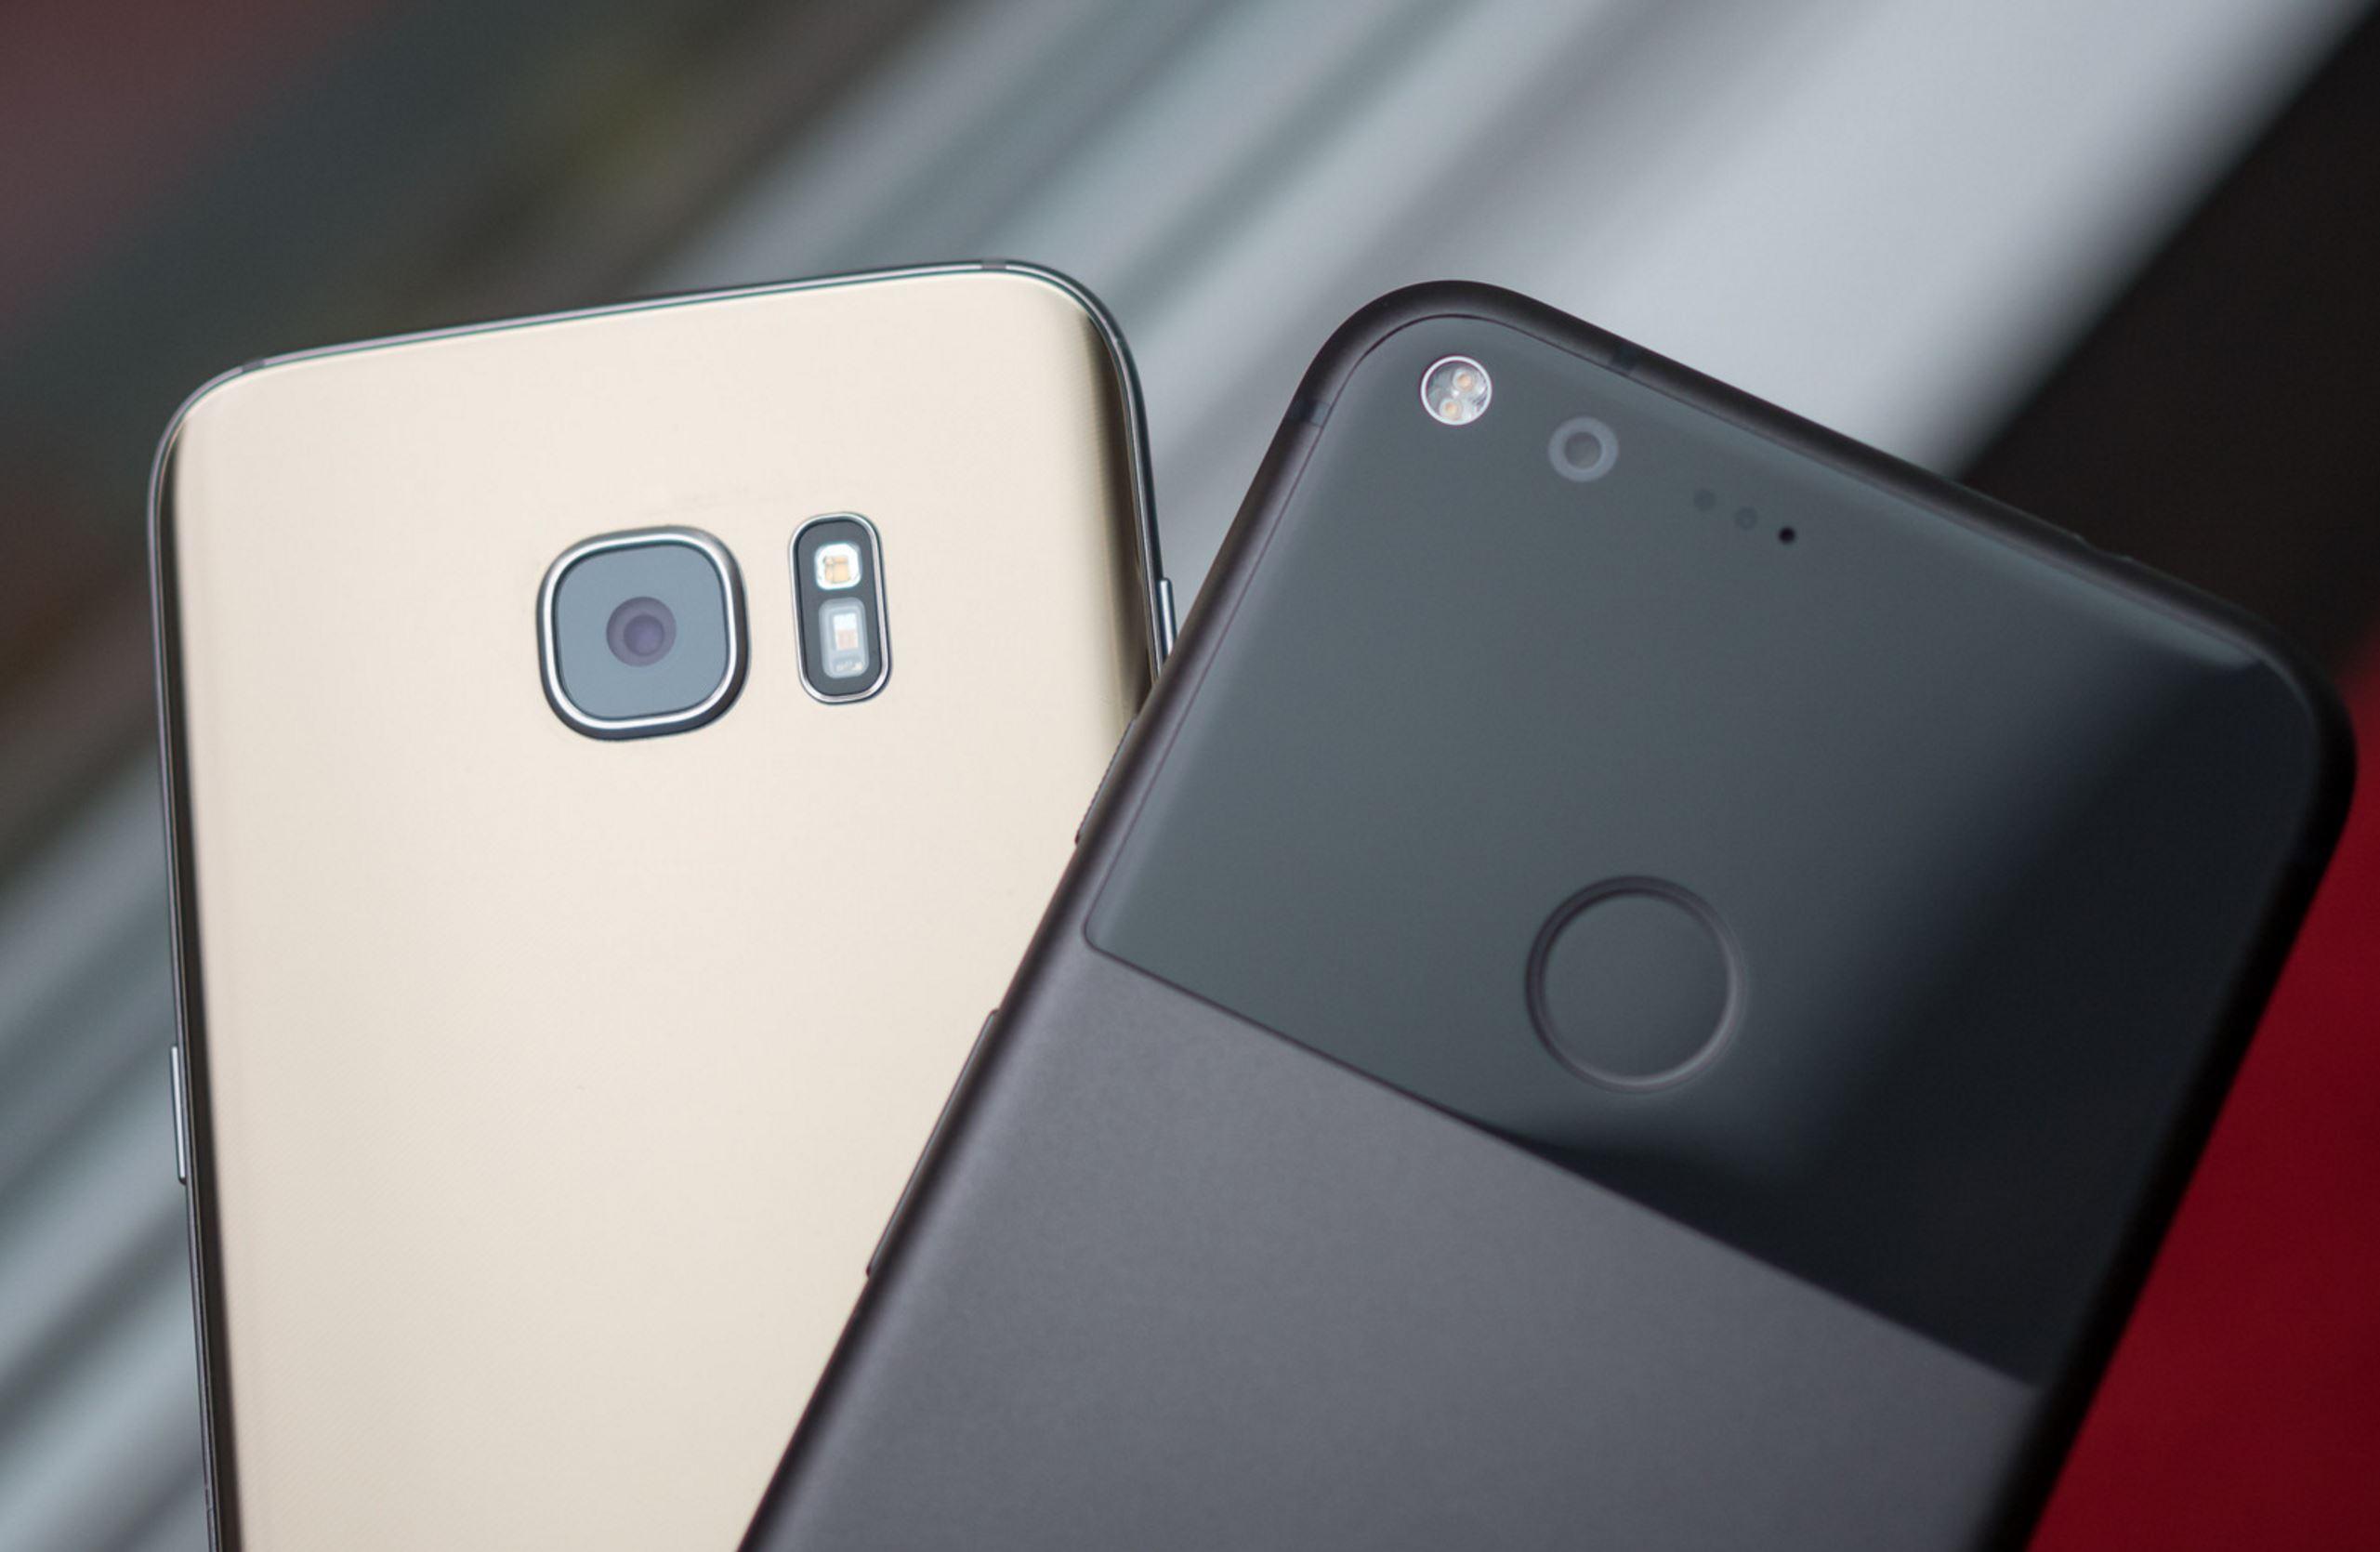 گلکسی S7 edge  به ۷ دلیل از گوگل پیکسل XL برتر است